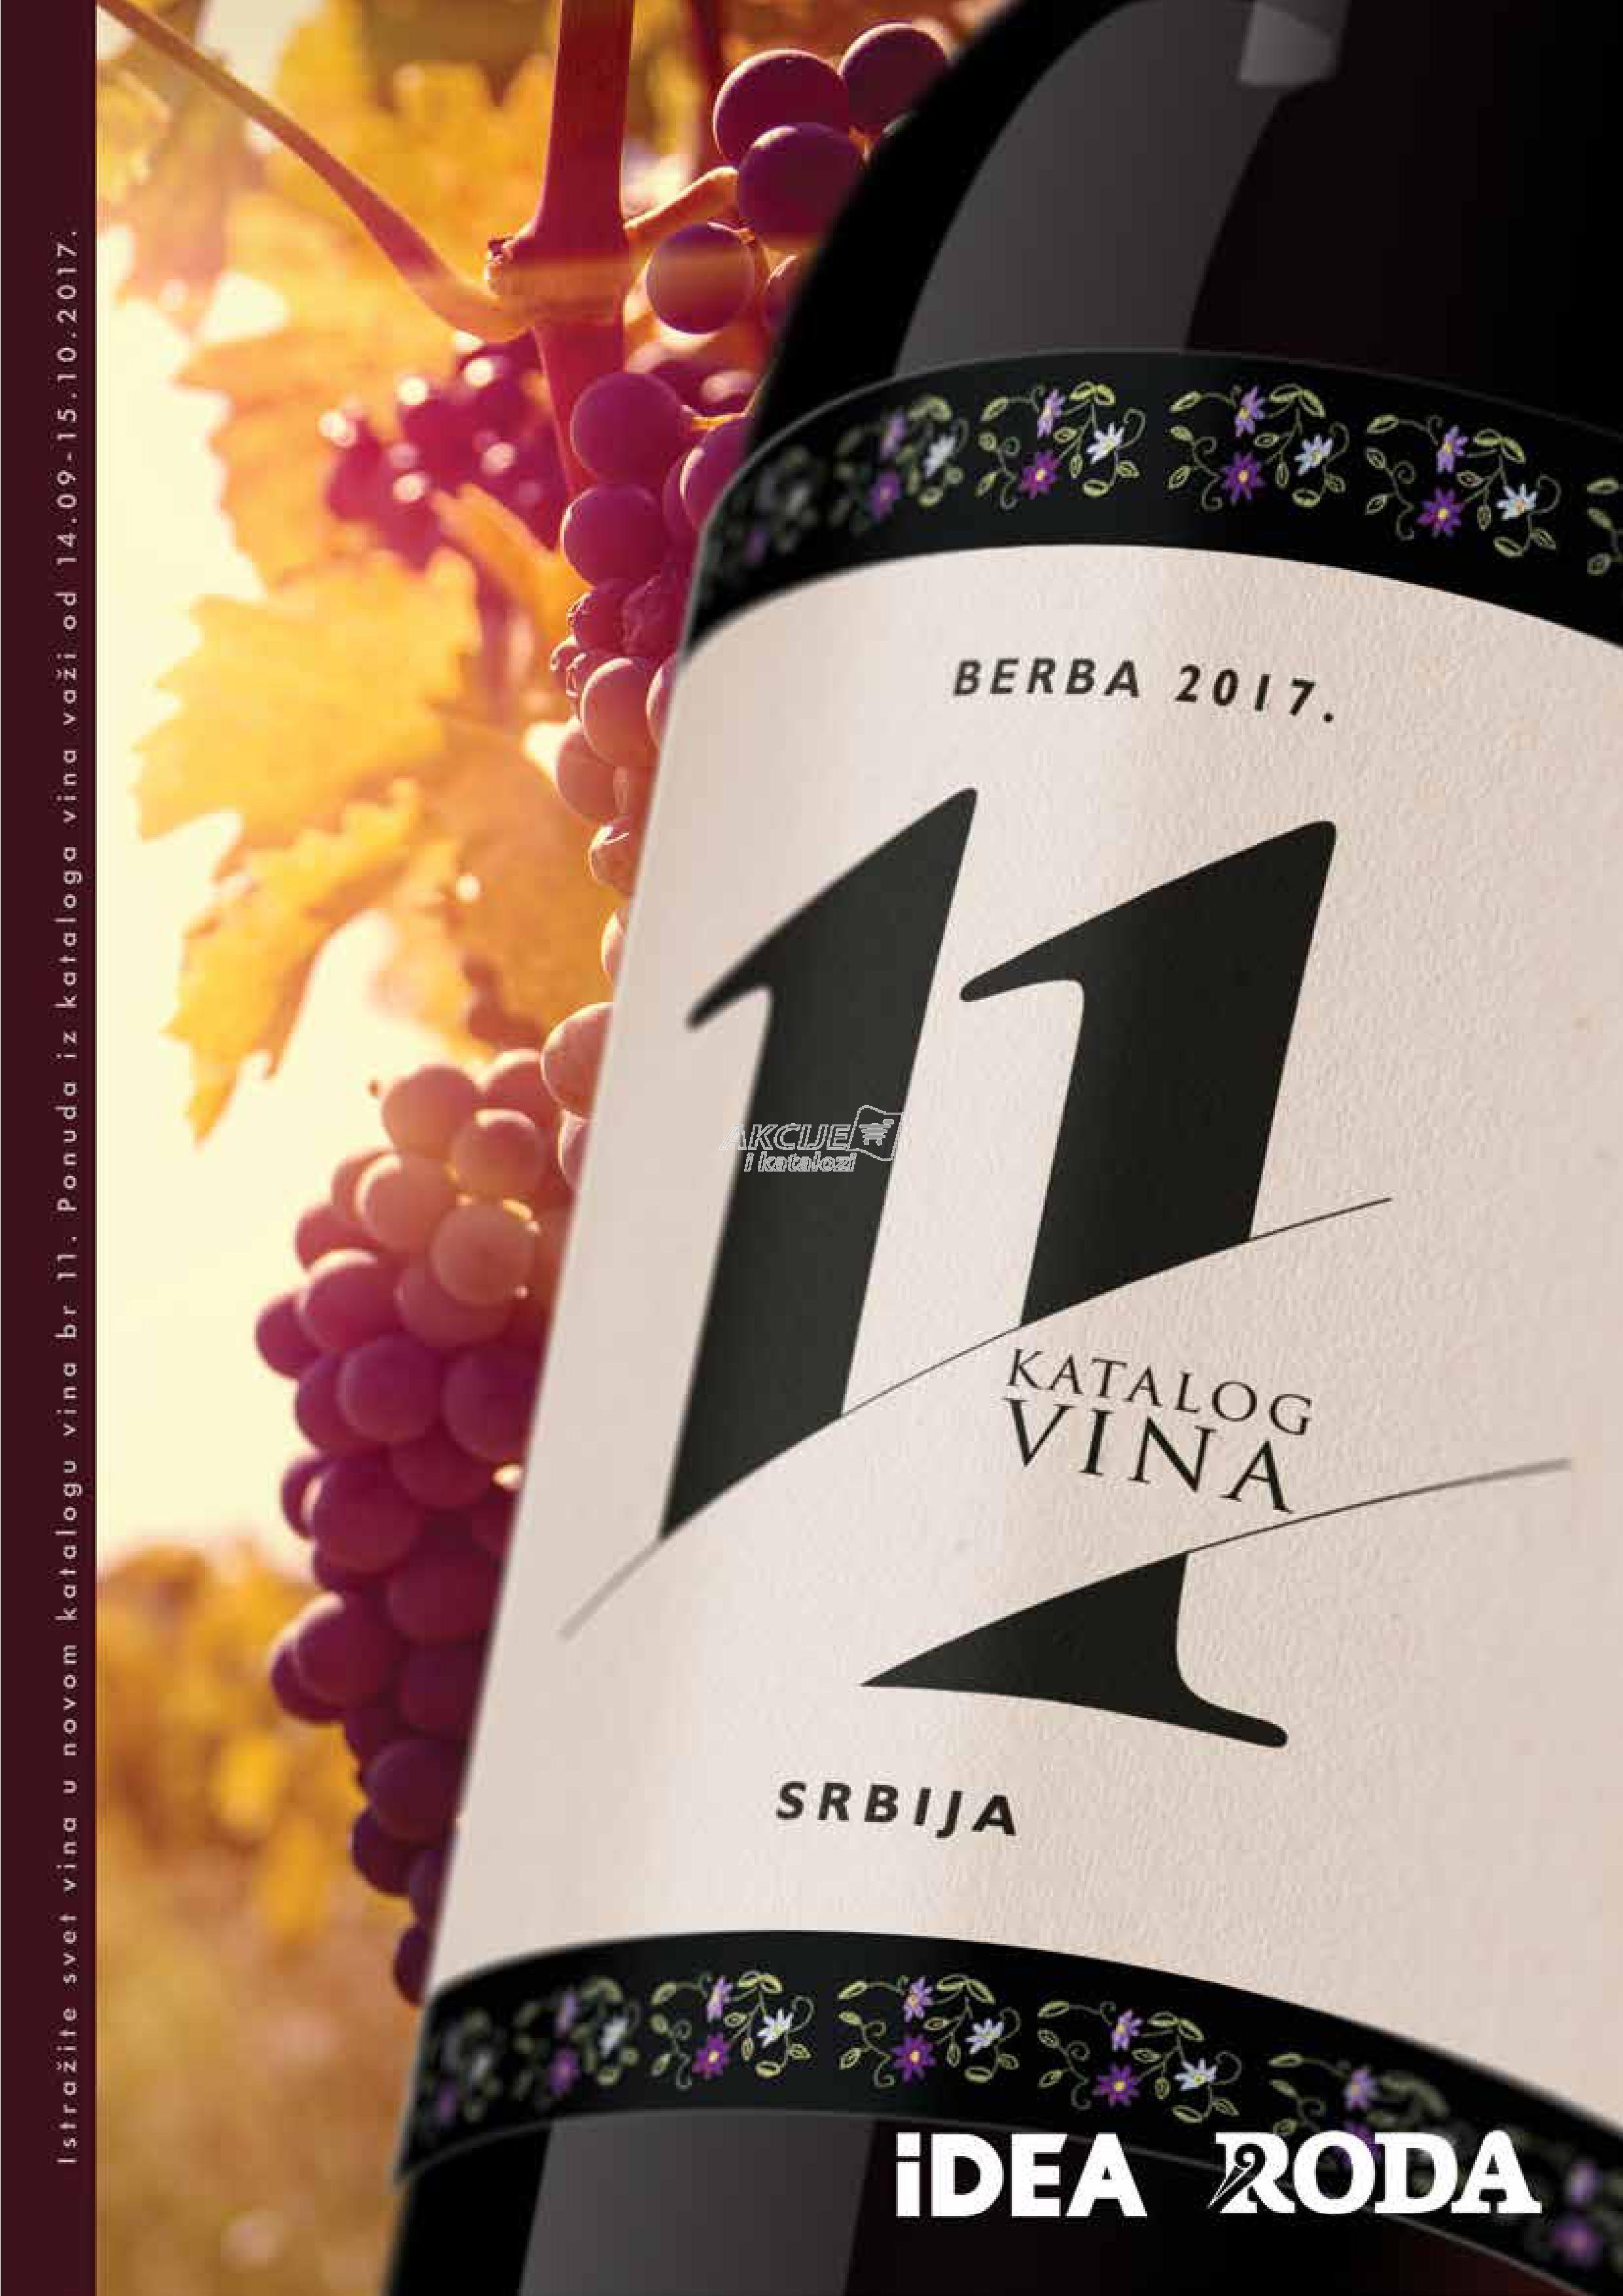 Idea - Redovna akcija vina